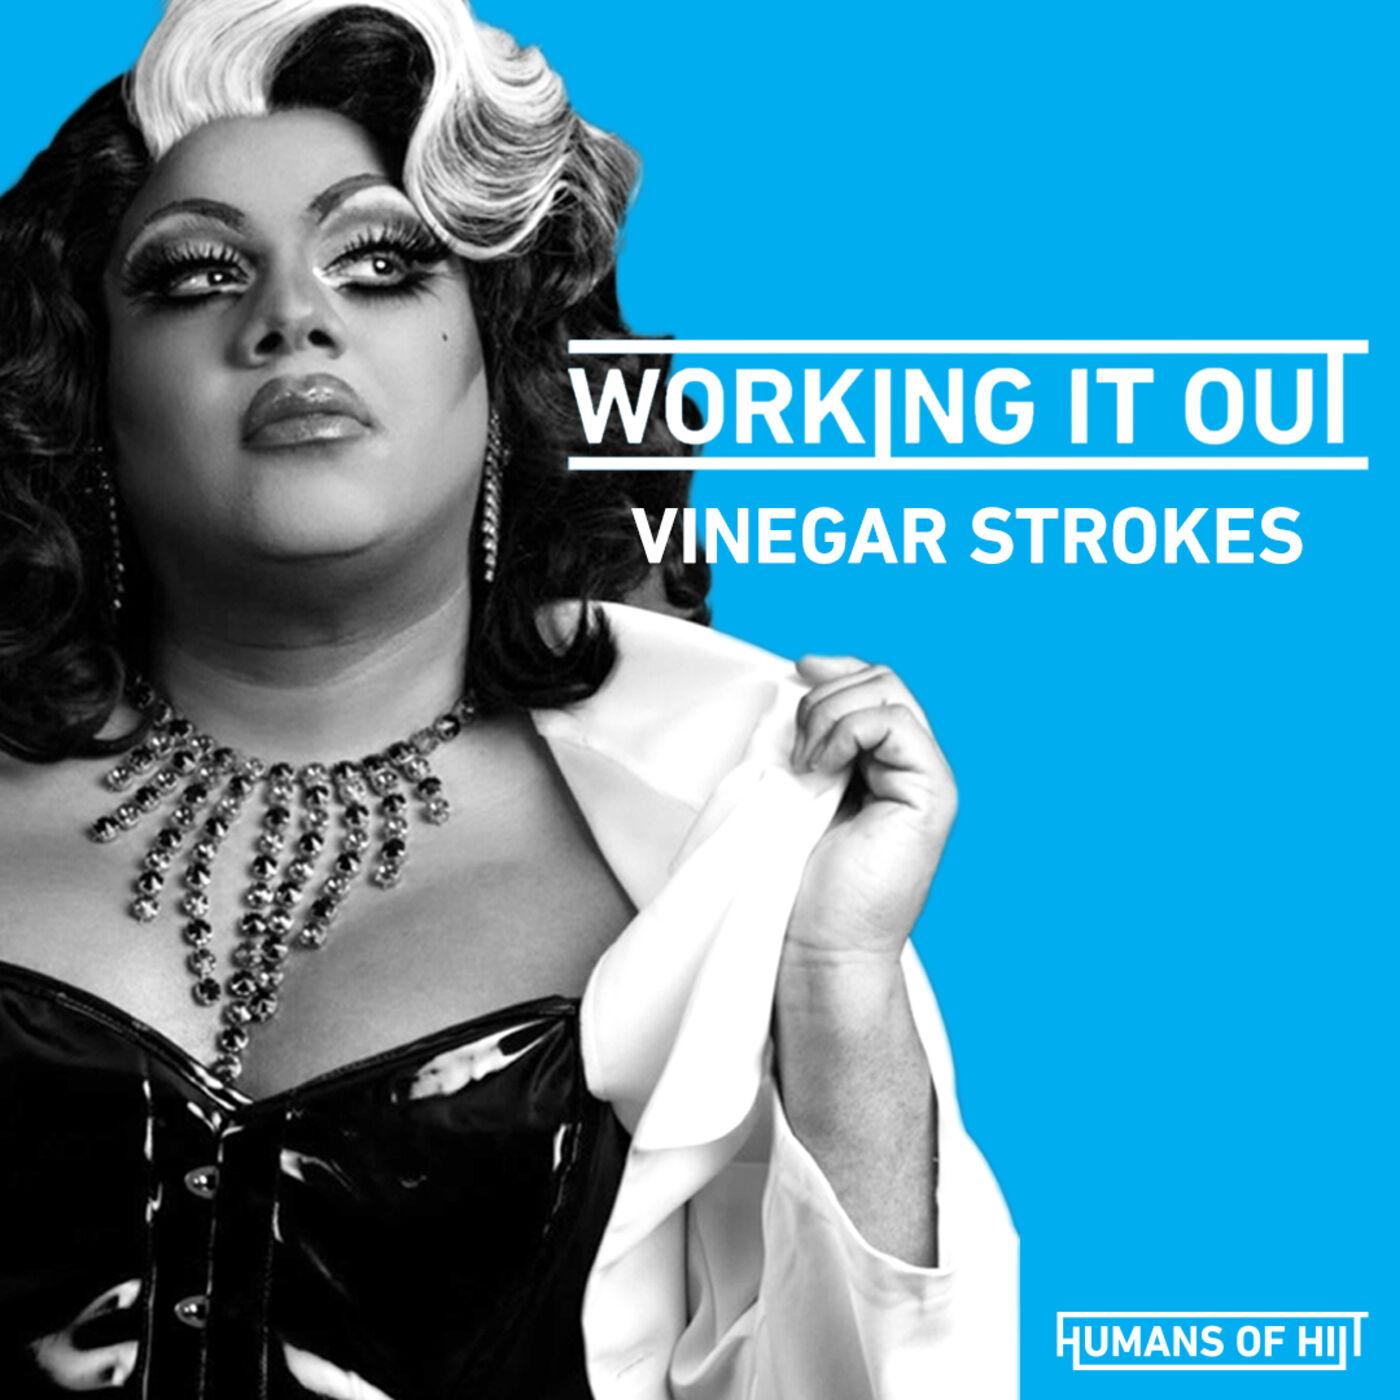 Episode 3 - Vinegar Strokes